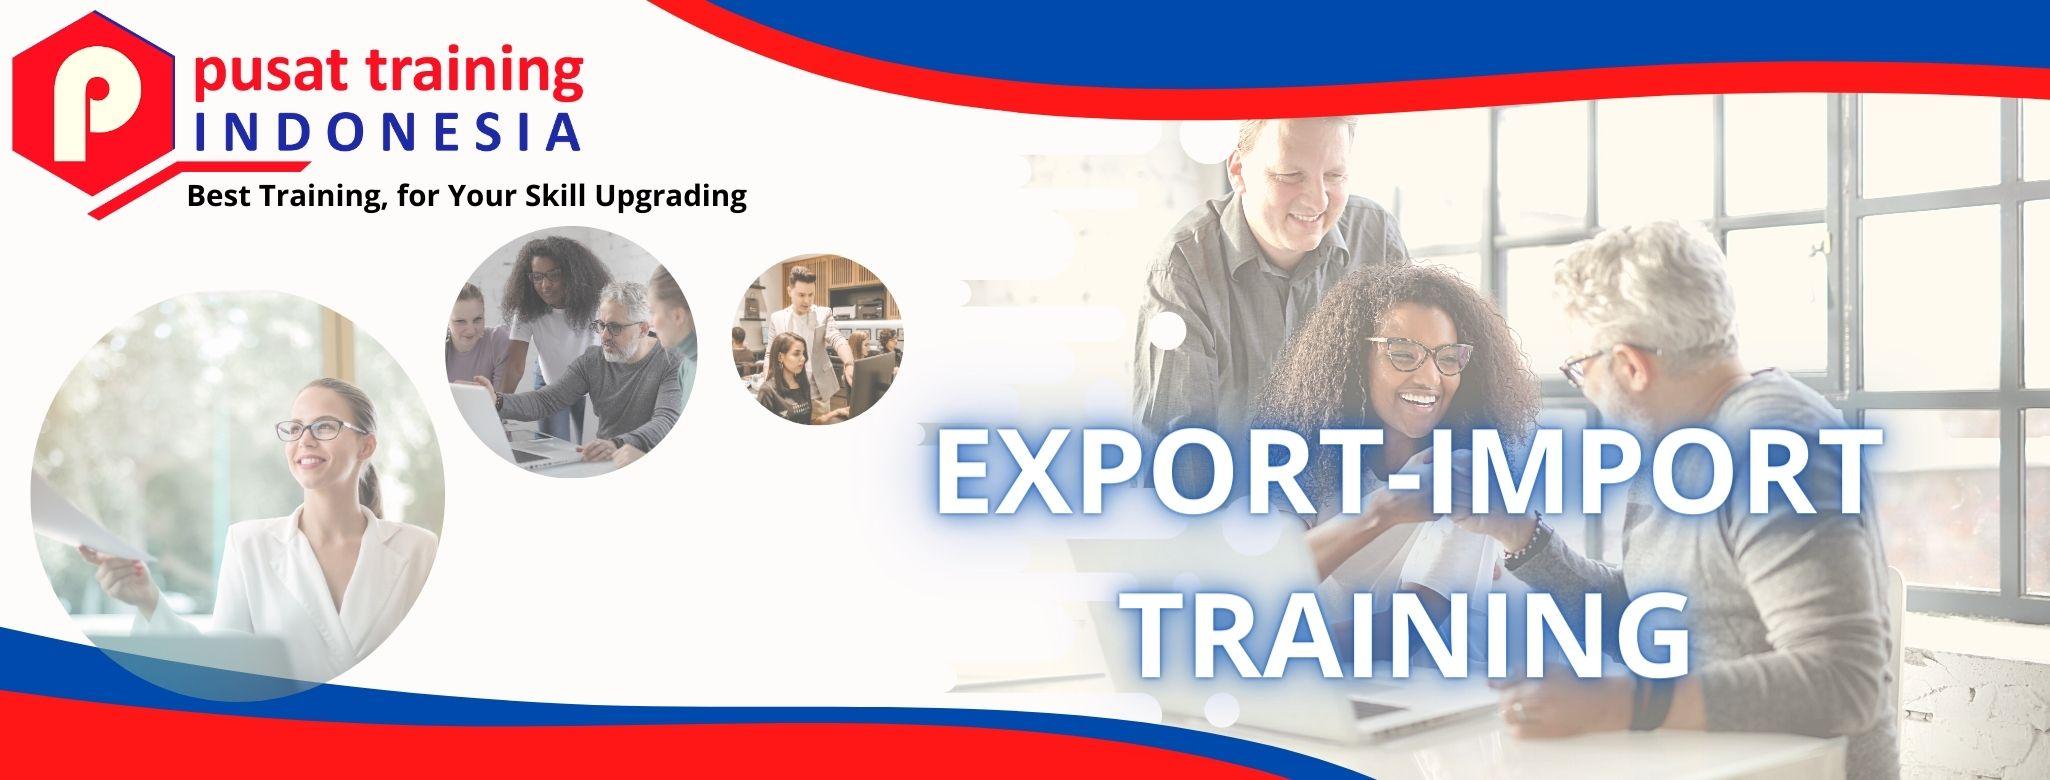 EXPORT-IMPORT TRAINING